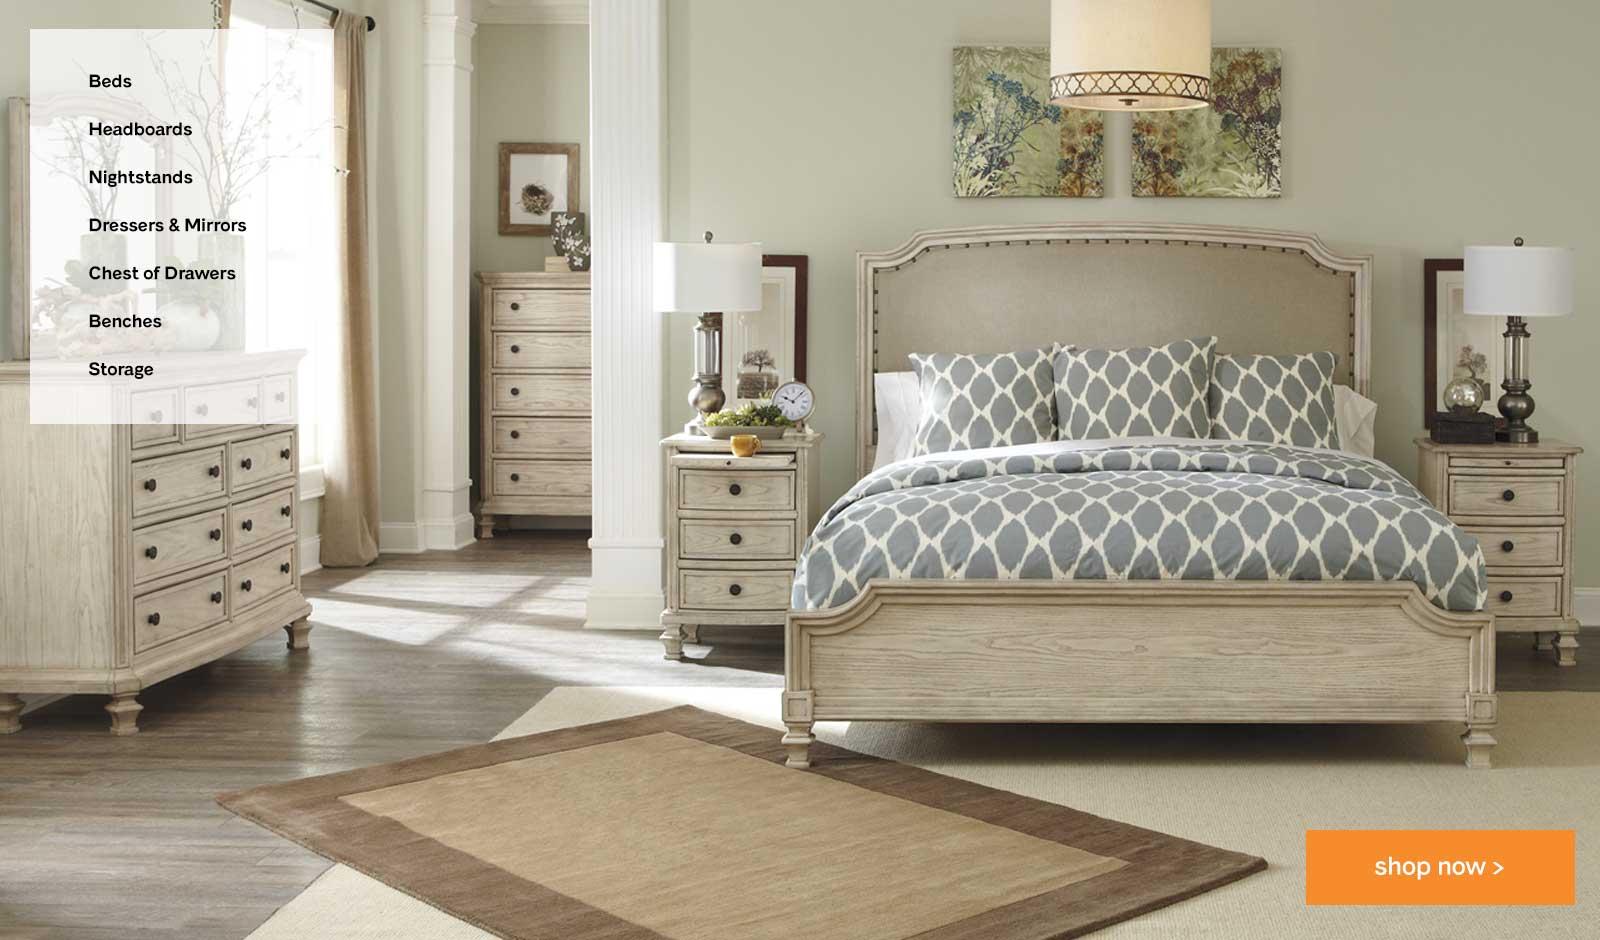 100 Bedroom Discounters Corsicana Mattress Models